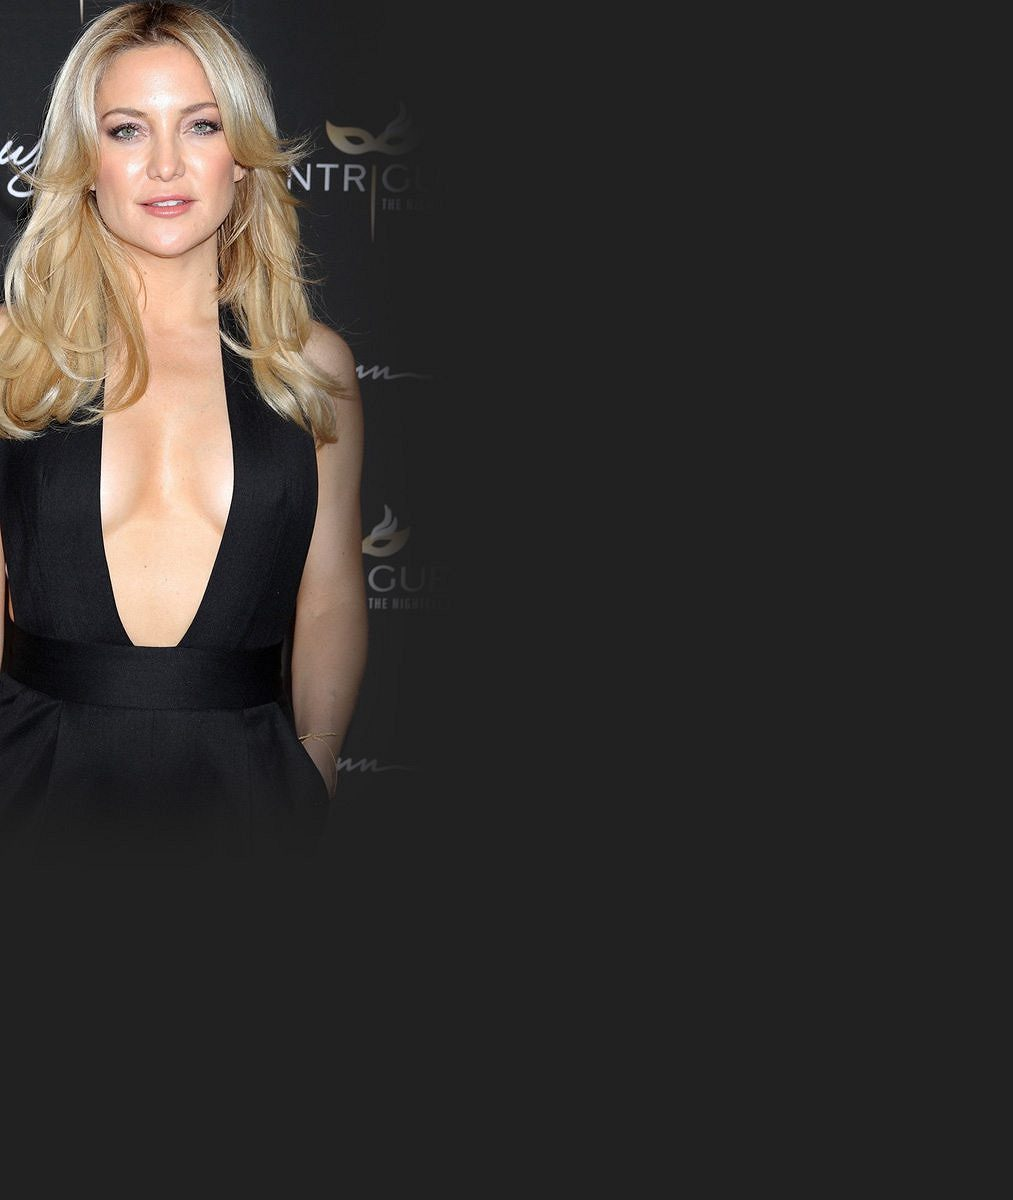 Kate Hudson vyrazila na divokou dámskou jízdu: V overalu s výstřihem až do pasu byla královnou nočního klubu